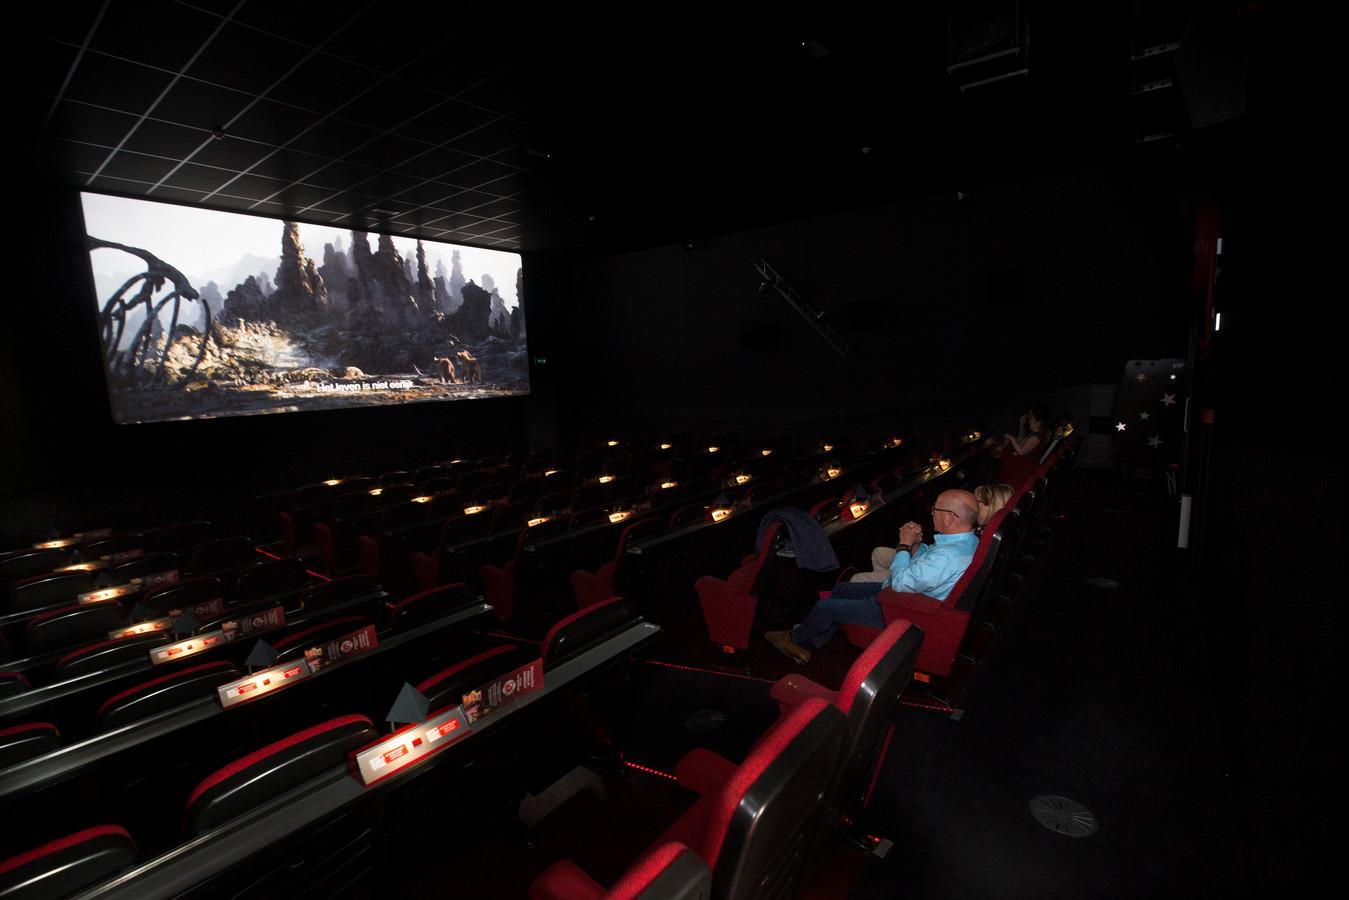 De filmzaal van bioscoop Movie Unlimited aan de Markt in Zevenaar. Foto Theo Kock